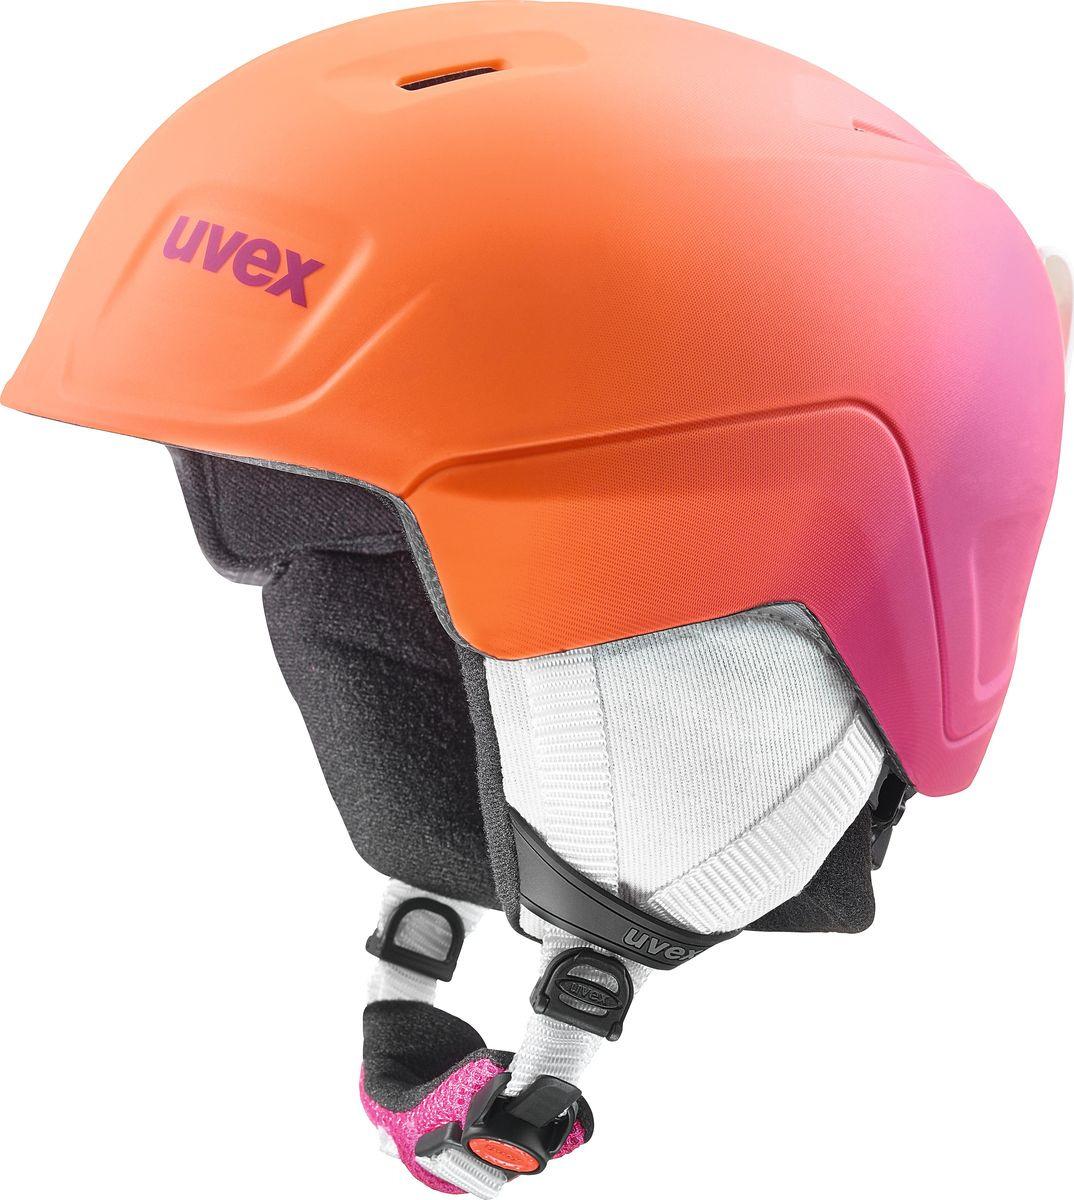 Шлем горнолыжный для девочки Uvex Manic Pro Kid's Helmet, 6224-98, розовый, оранжевый. Размер 46/50 шлем горнолыжный для мальчика uvex airwing 2 kid s helmet 6132 46 синий размер xxs